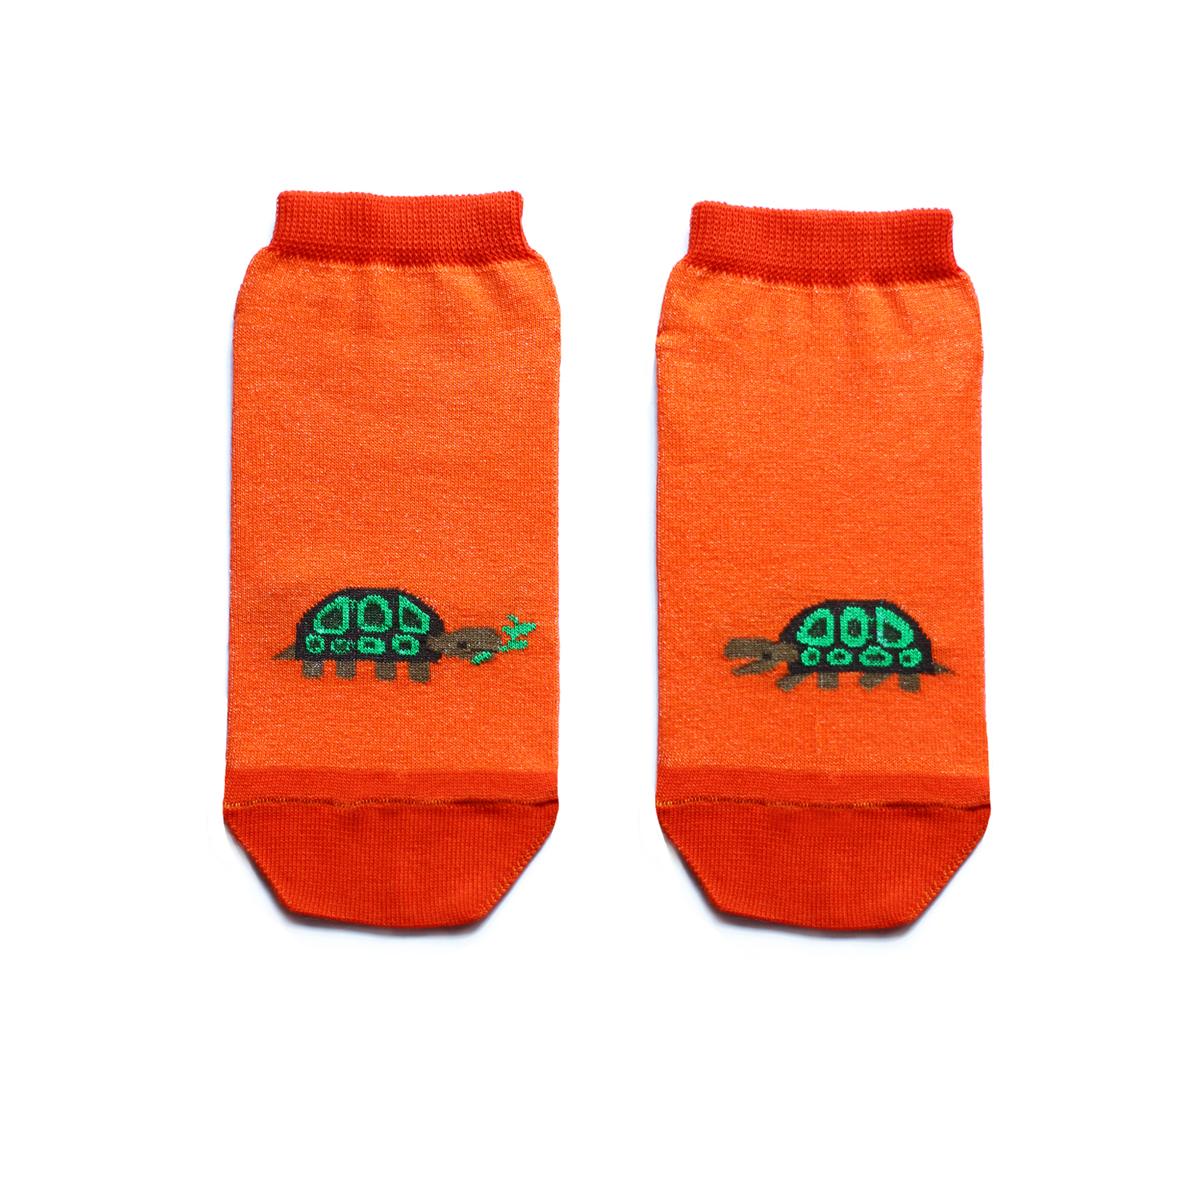 Носкиca1522Укороченные женские носки Big Bang Socks изготовлены из высококачественного хлопка с добавлением полиамидных и эластановых волокон, которые обеспечивают великолепную посадку. Носки отличаются ярким стильным дизайном, они оформлены изображением черепахи. Удобная резинка идеально облегает ногу и не пережимает сосуды, а усиленные пятка и мысок повышают износоустойчивость носка. Дизайнерские носки Big Bang Socks - яркая деталь в вашем образе и оригинальный подарок для друзей и близких.